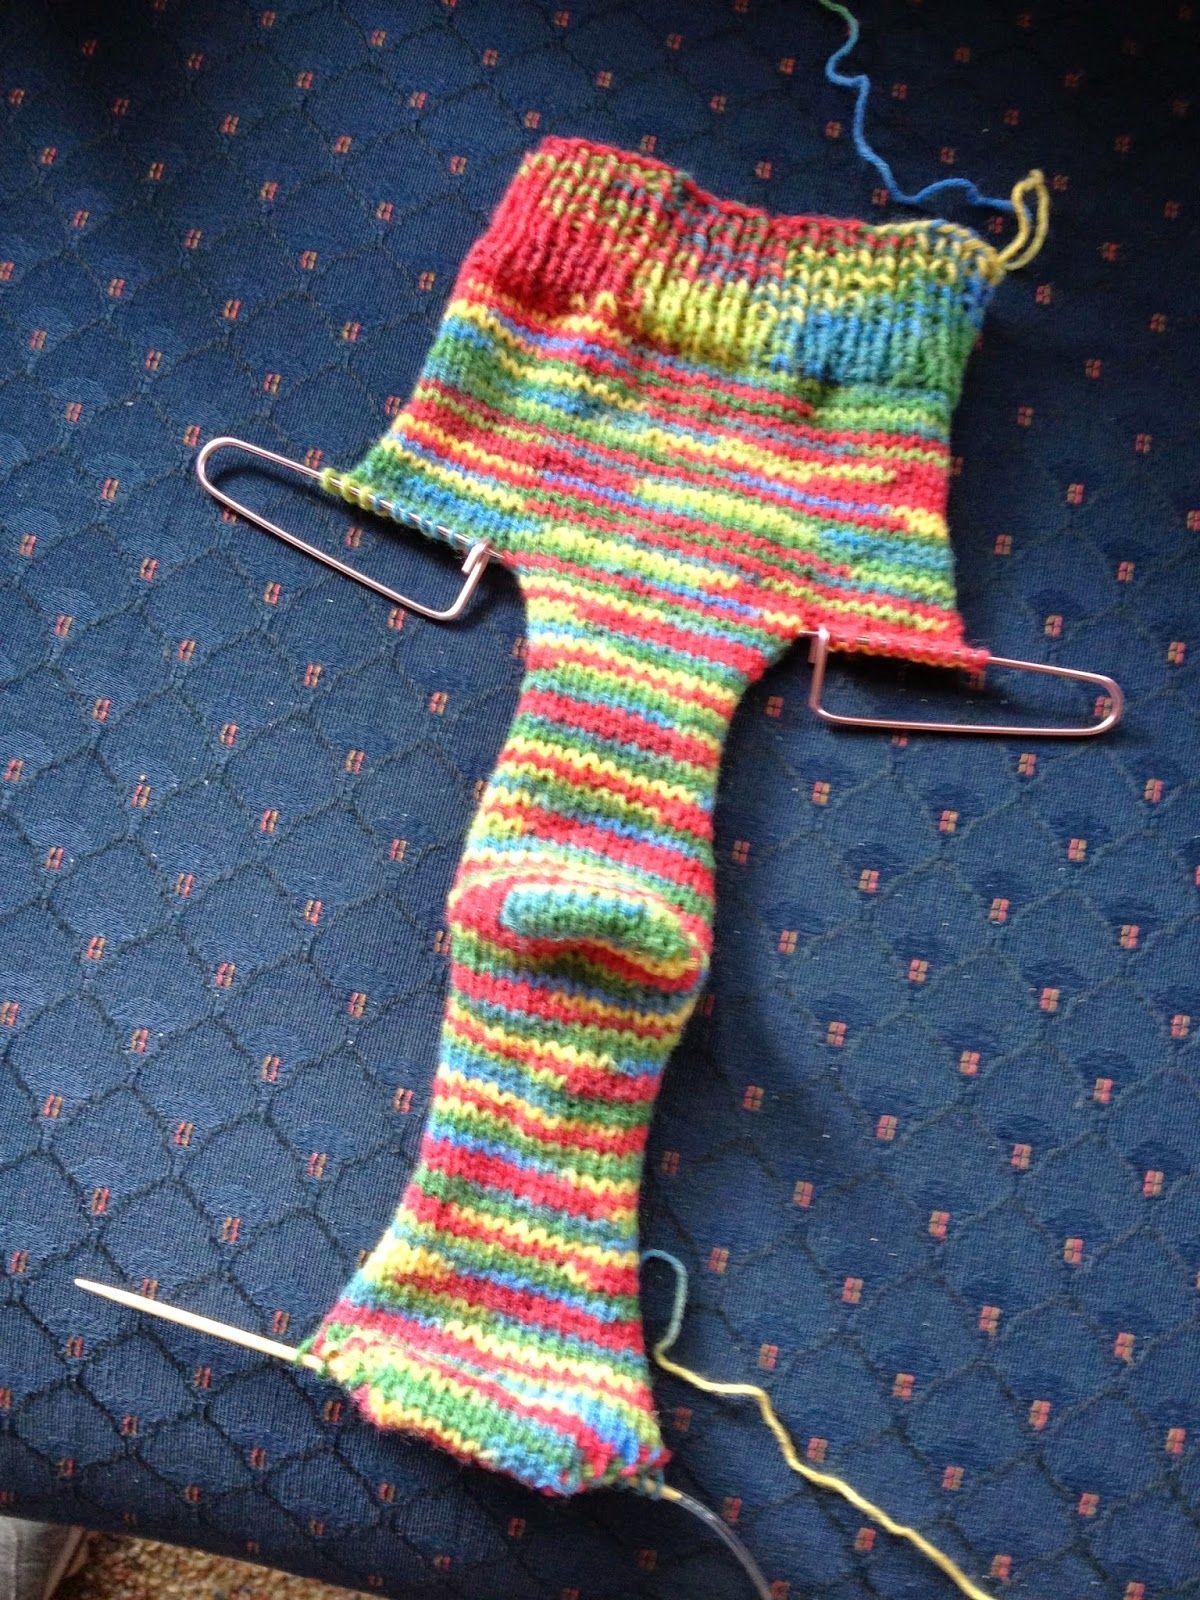 Free two needle socks knit pattern killer crafts crafty free two needle socks knit pattern killer crafts crafty killers bankloansurffo Images